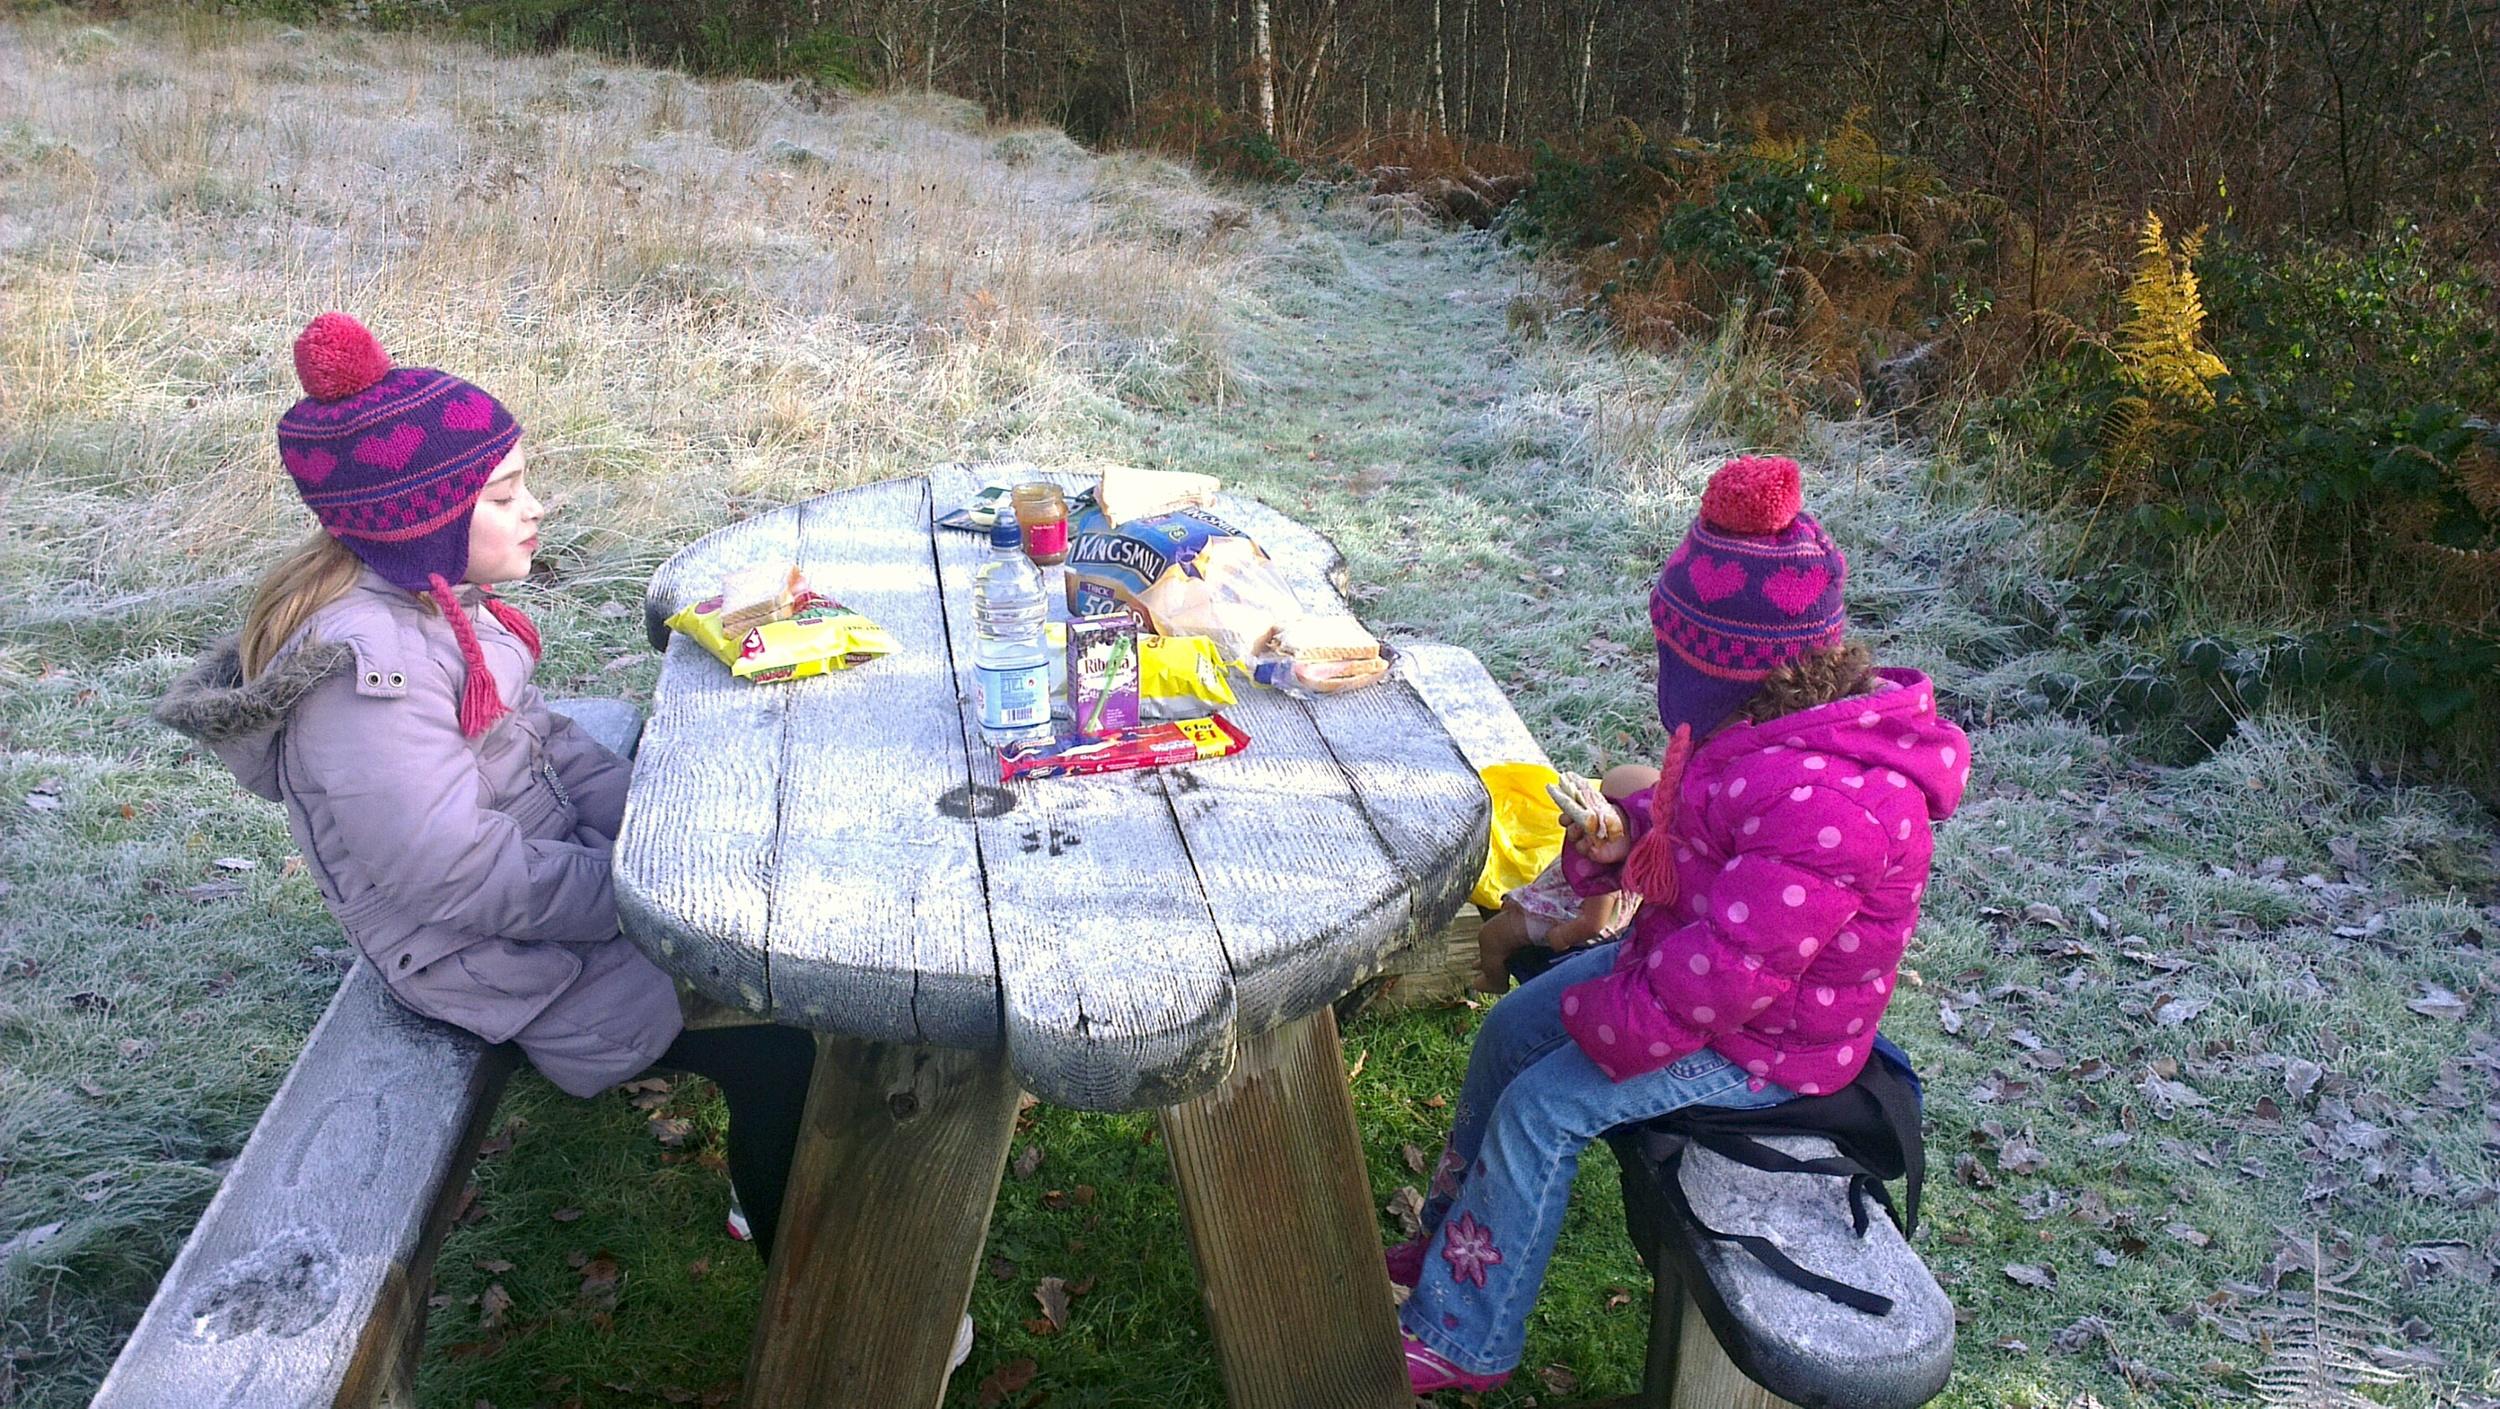 An Autumnal picnic